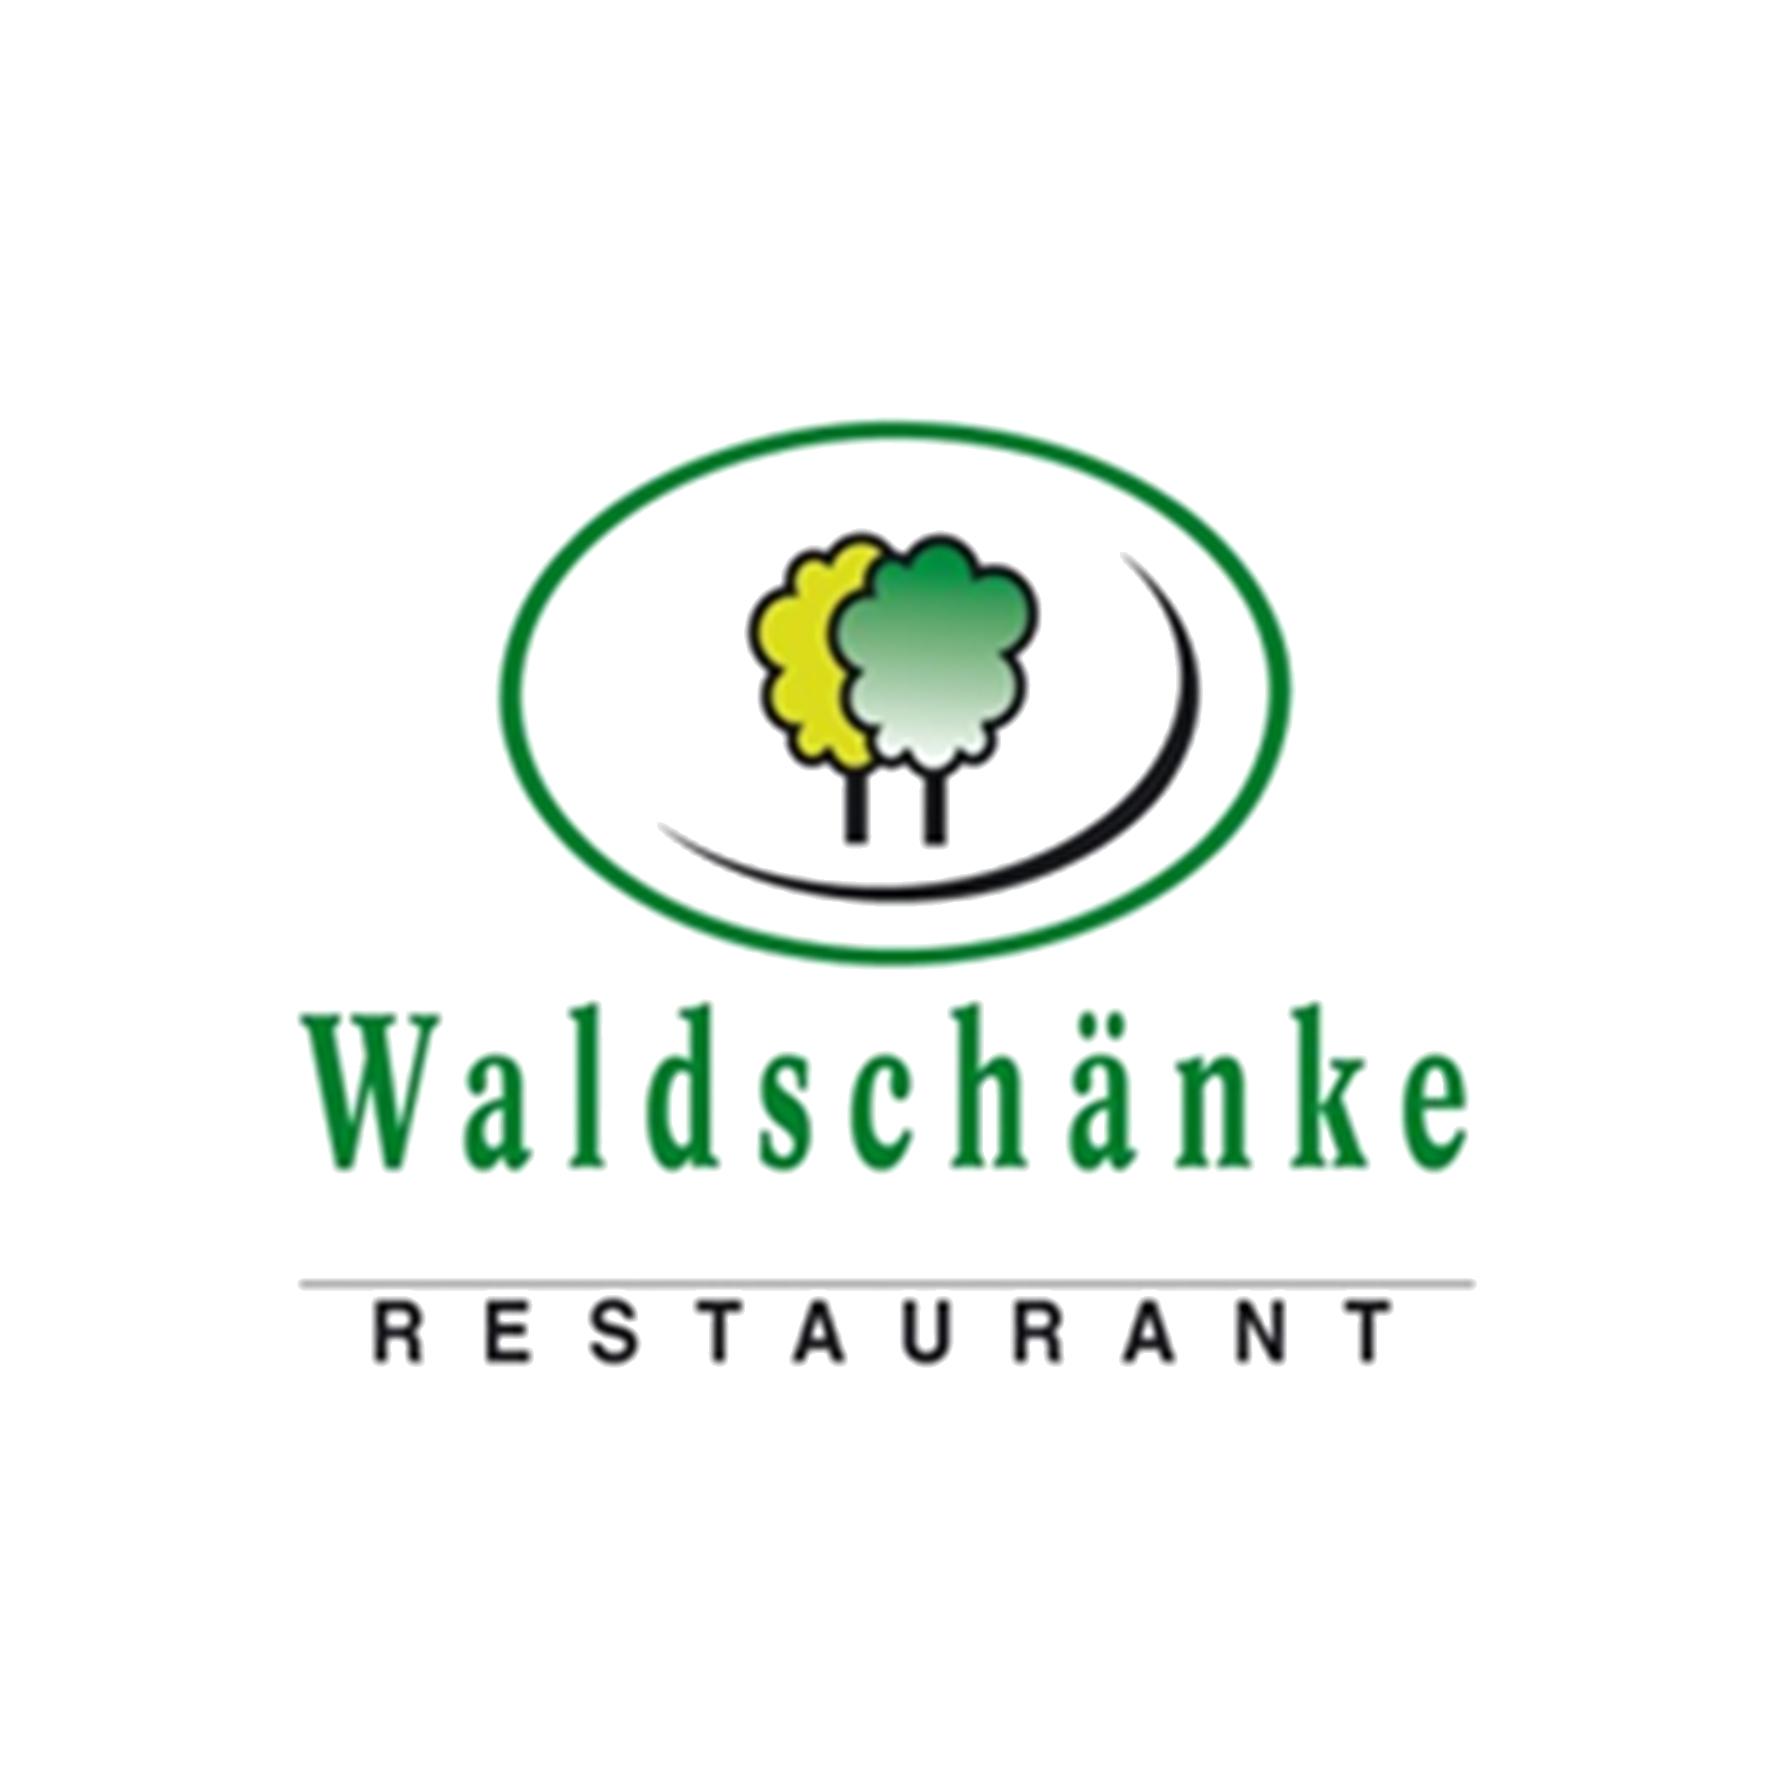 WALDSCHÄNKE